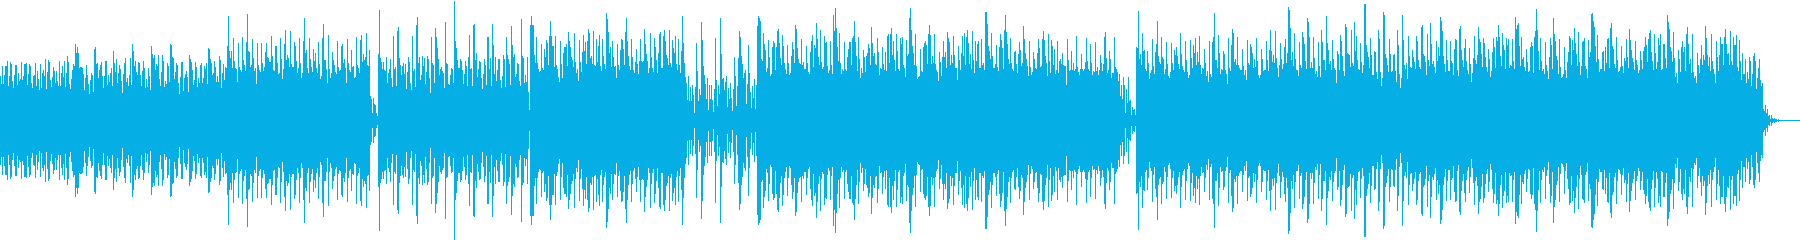 透明感のある ヒーリング ミニマルピアノの再生済みの波形